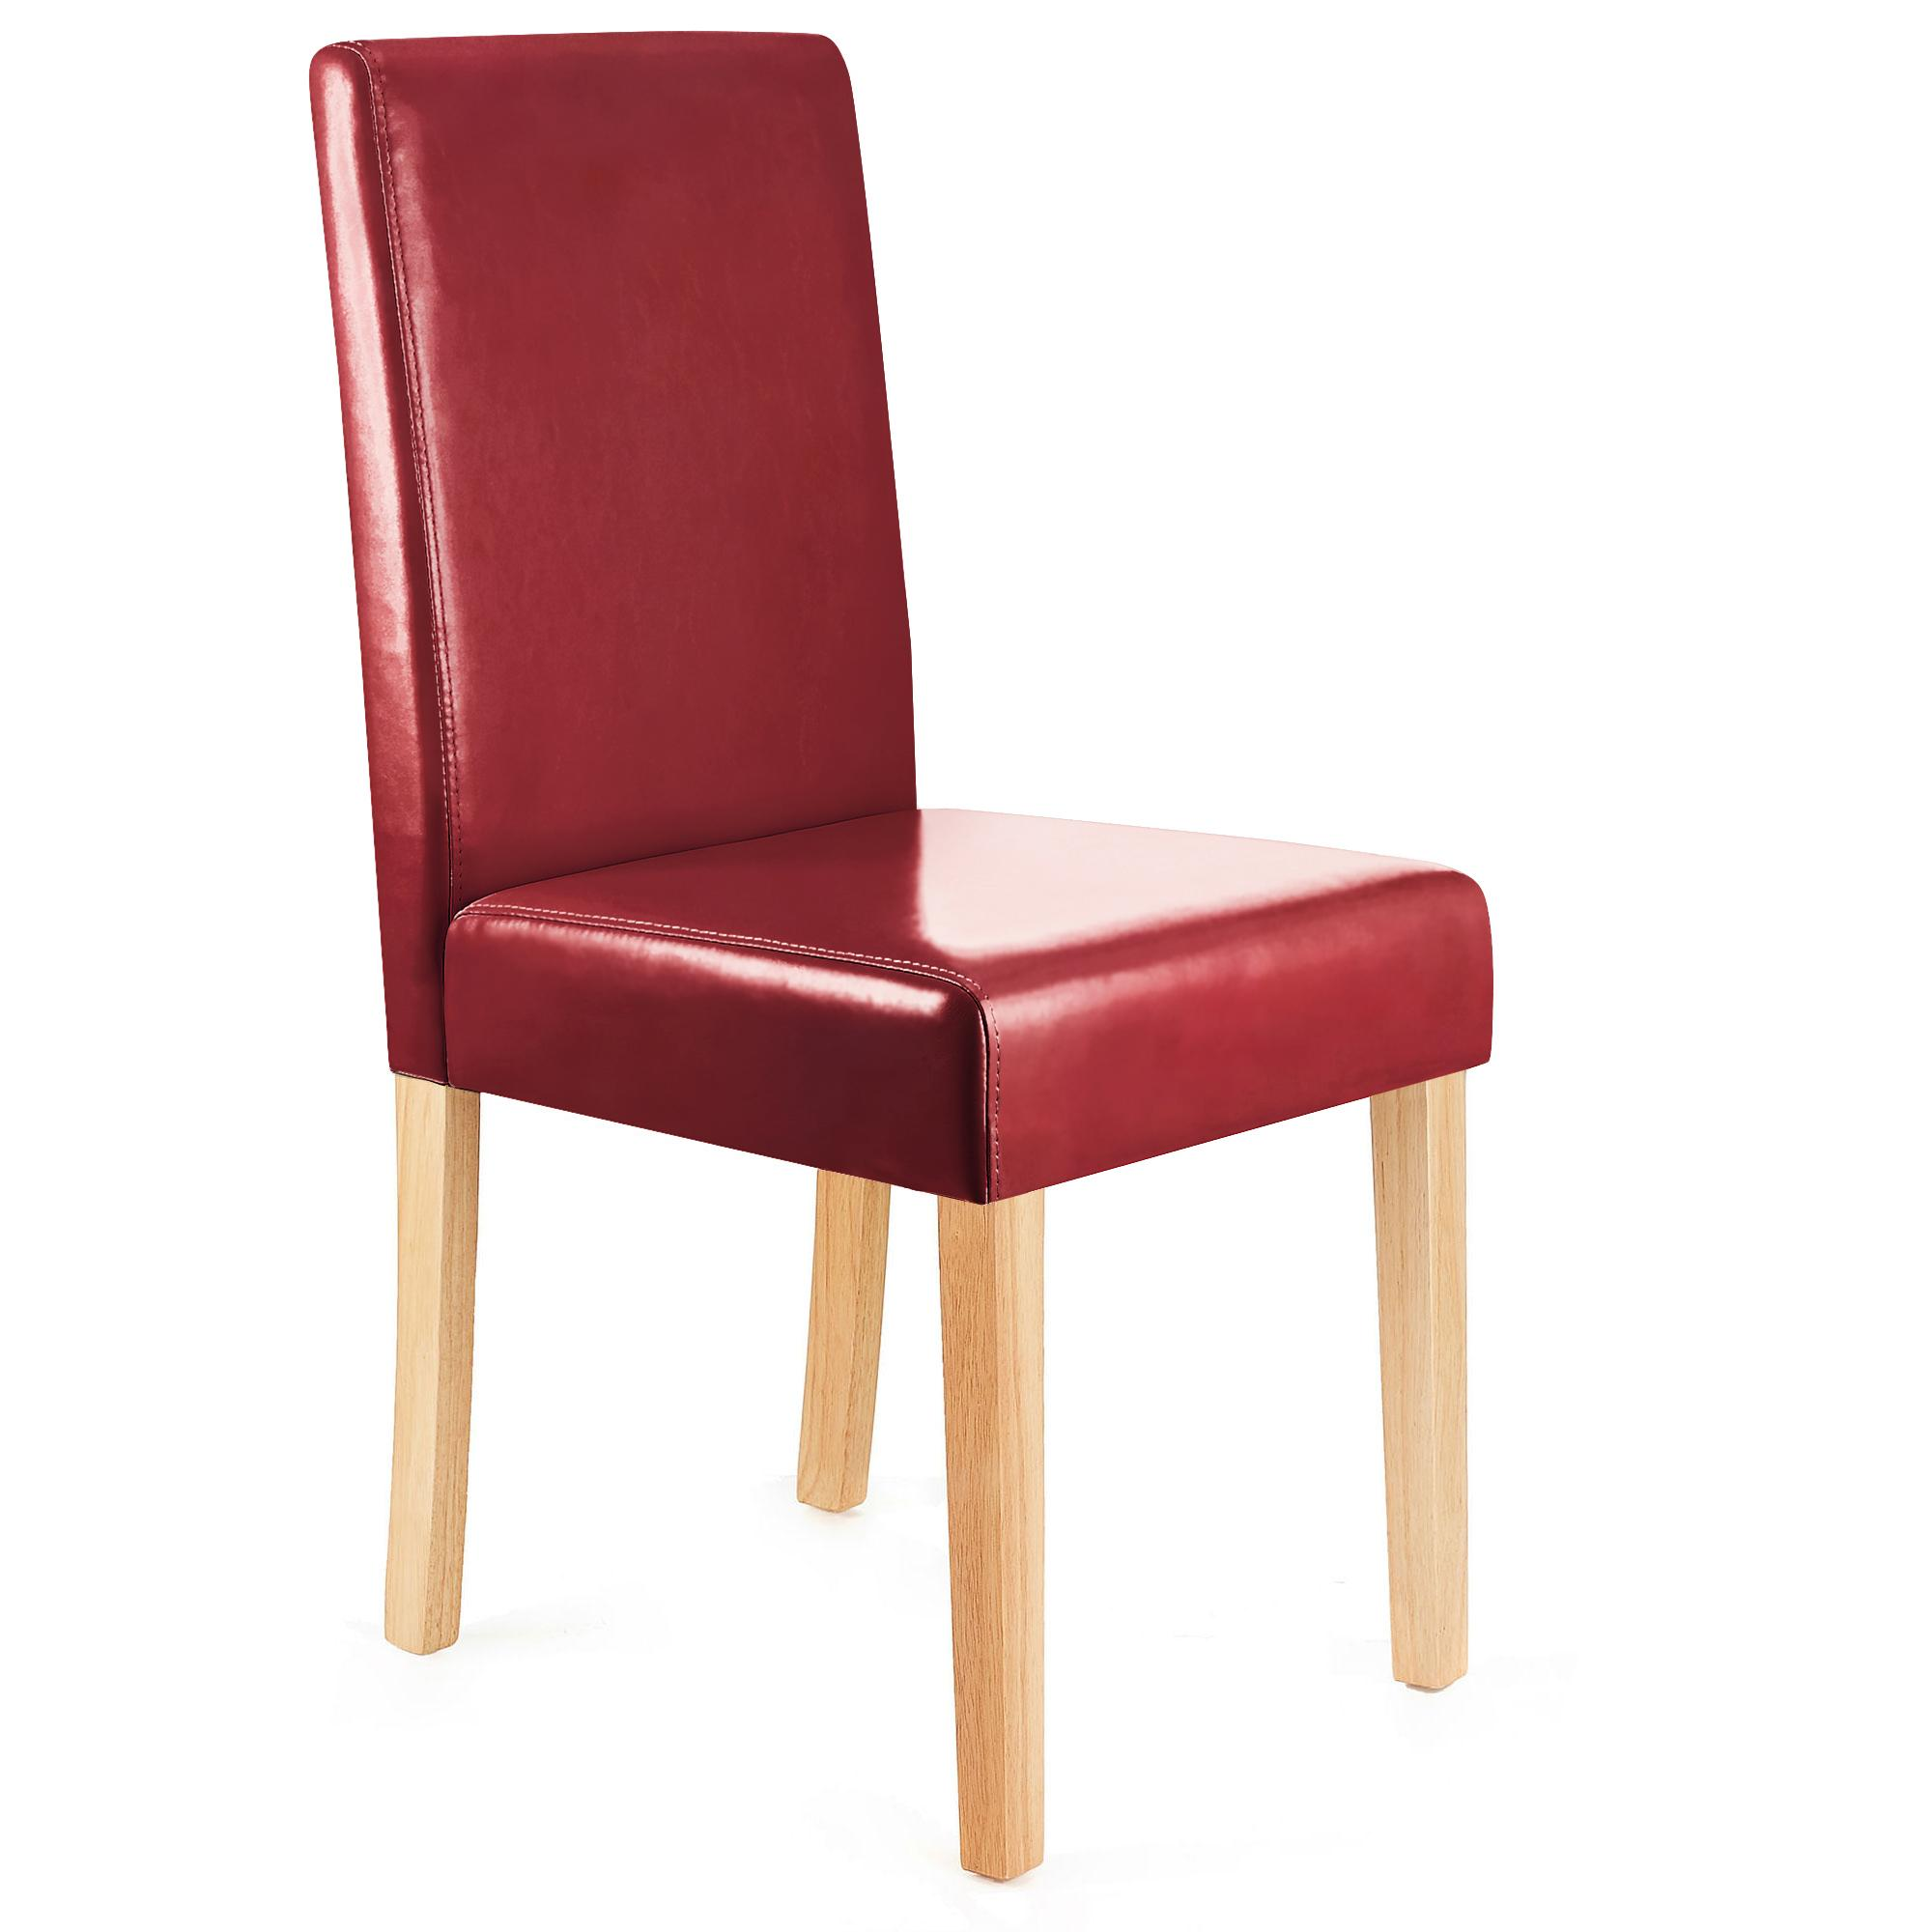 Lote 4 sillas de comedor litau polipiel rojo patas claras - Sillas comedor piel ...